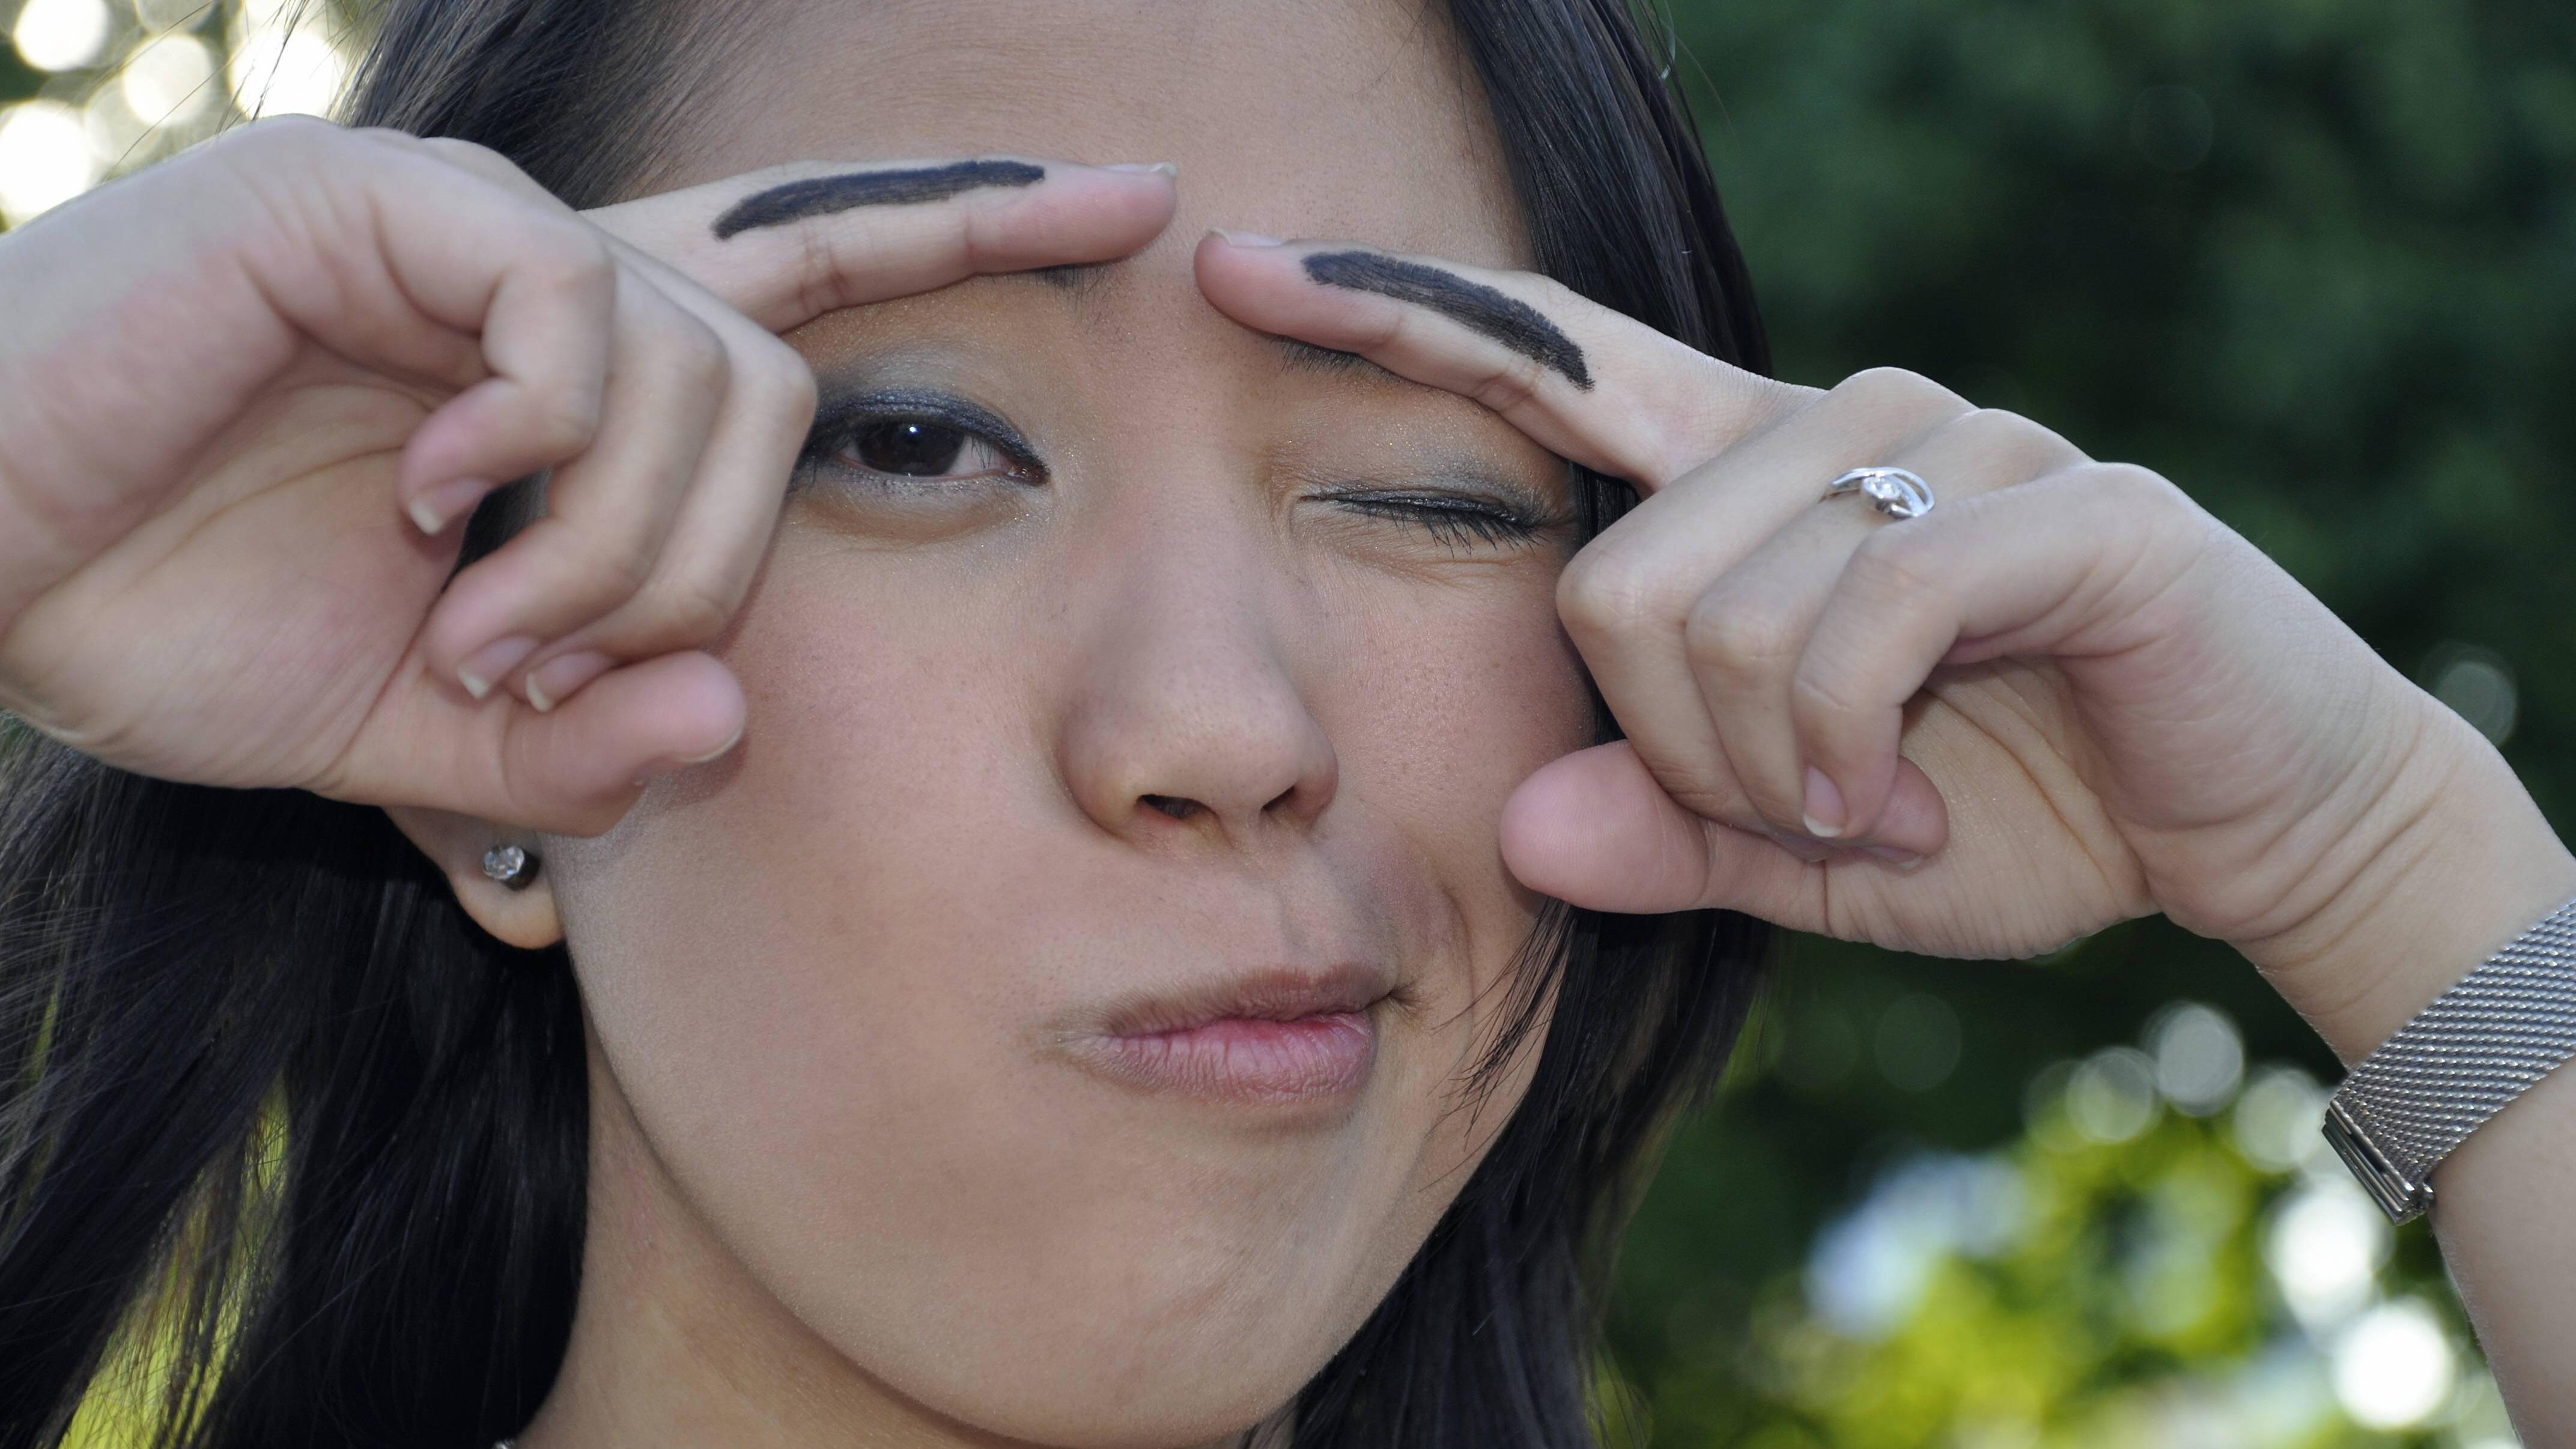 Haben Sie Ihre Augenbrauen zu dunkel gefärbt, können Hausmittel wie Honig, Zitronensaft, Anti-Schuppen-Shampoo und Gesichtsreiniger Abhilfe schaffen.